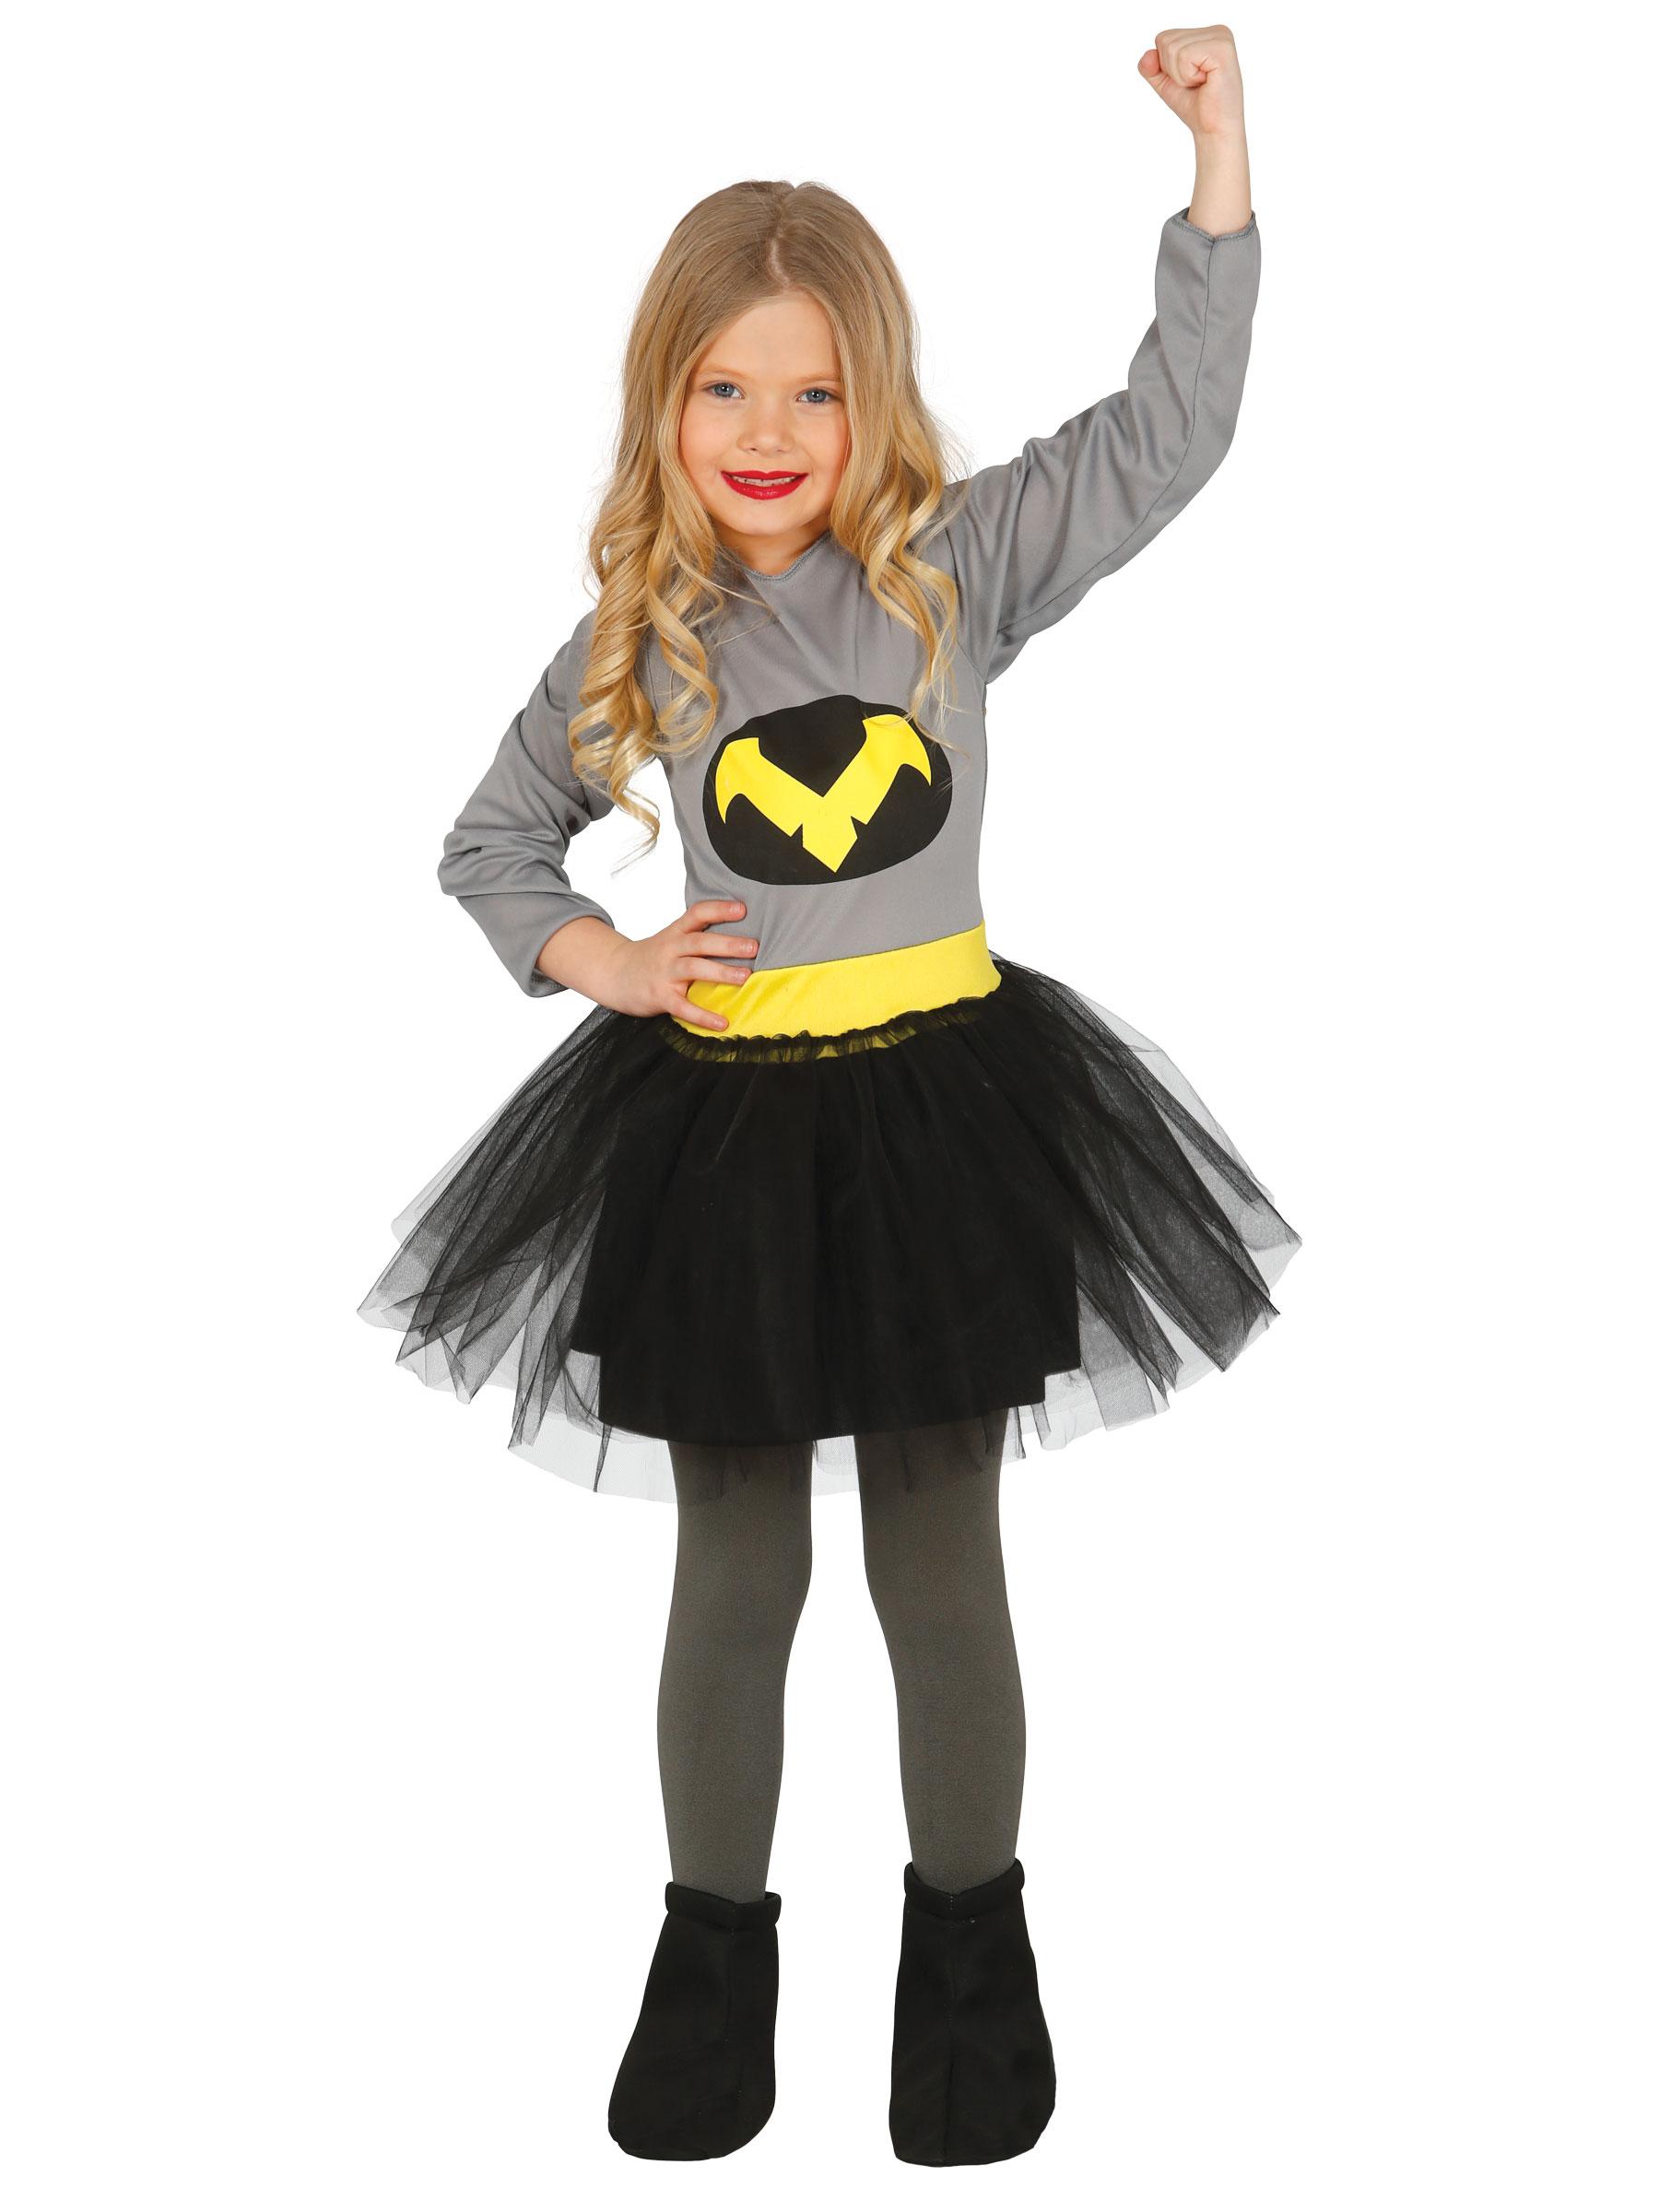 D guisement super h ros dans le noir fille deguise toi achat de d guisements enfants - Image super heros fille ...